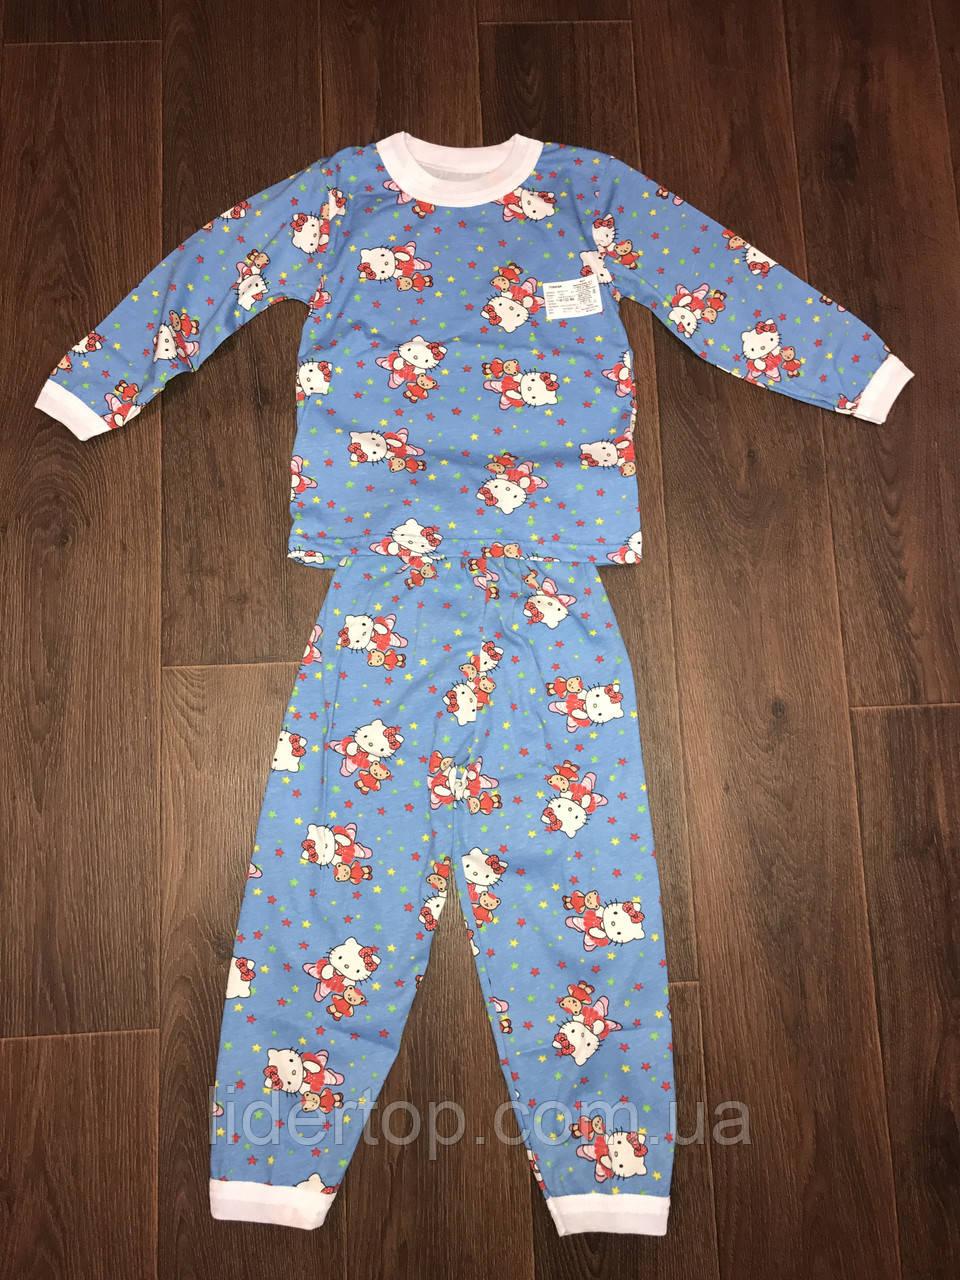 Пижама Детская х/б на Мальчика 116-122 рост